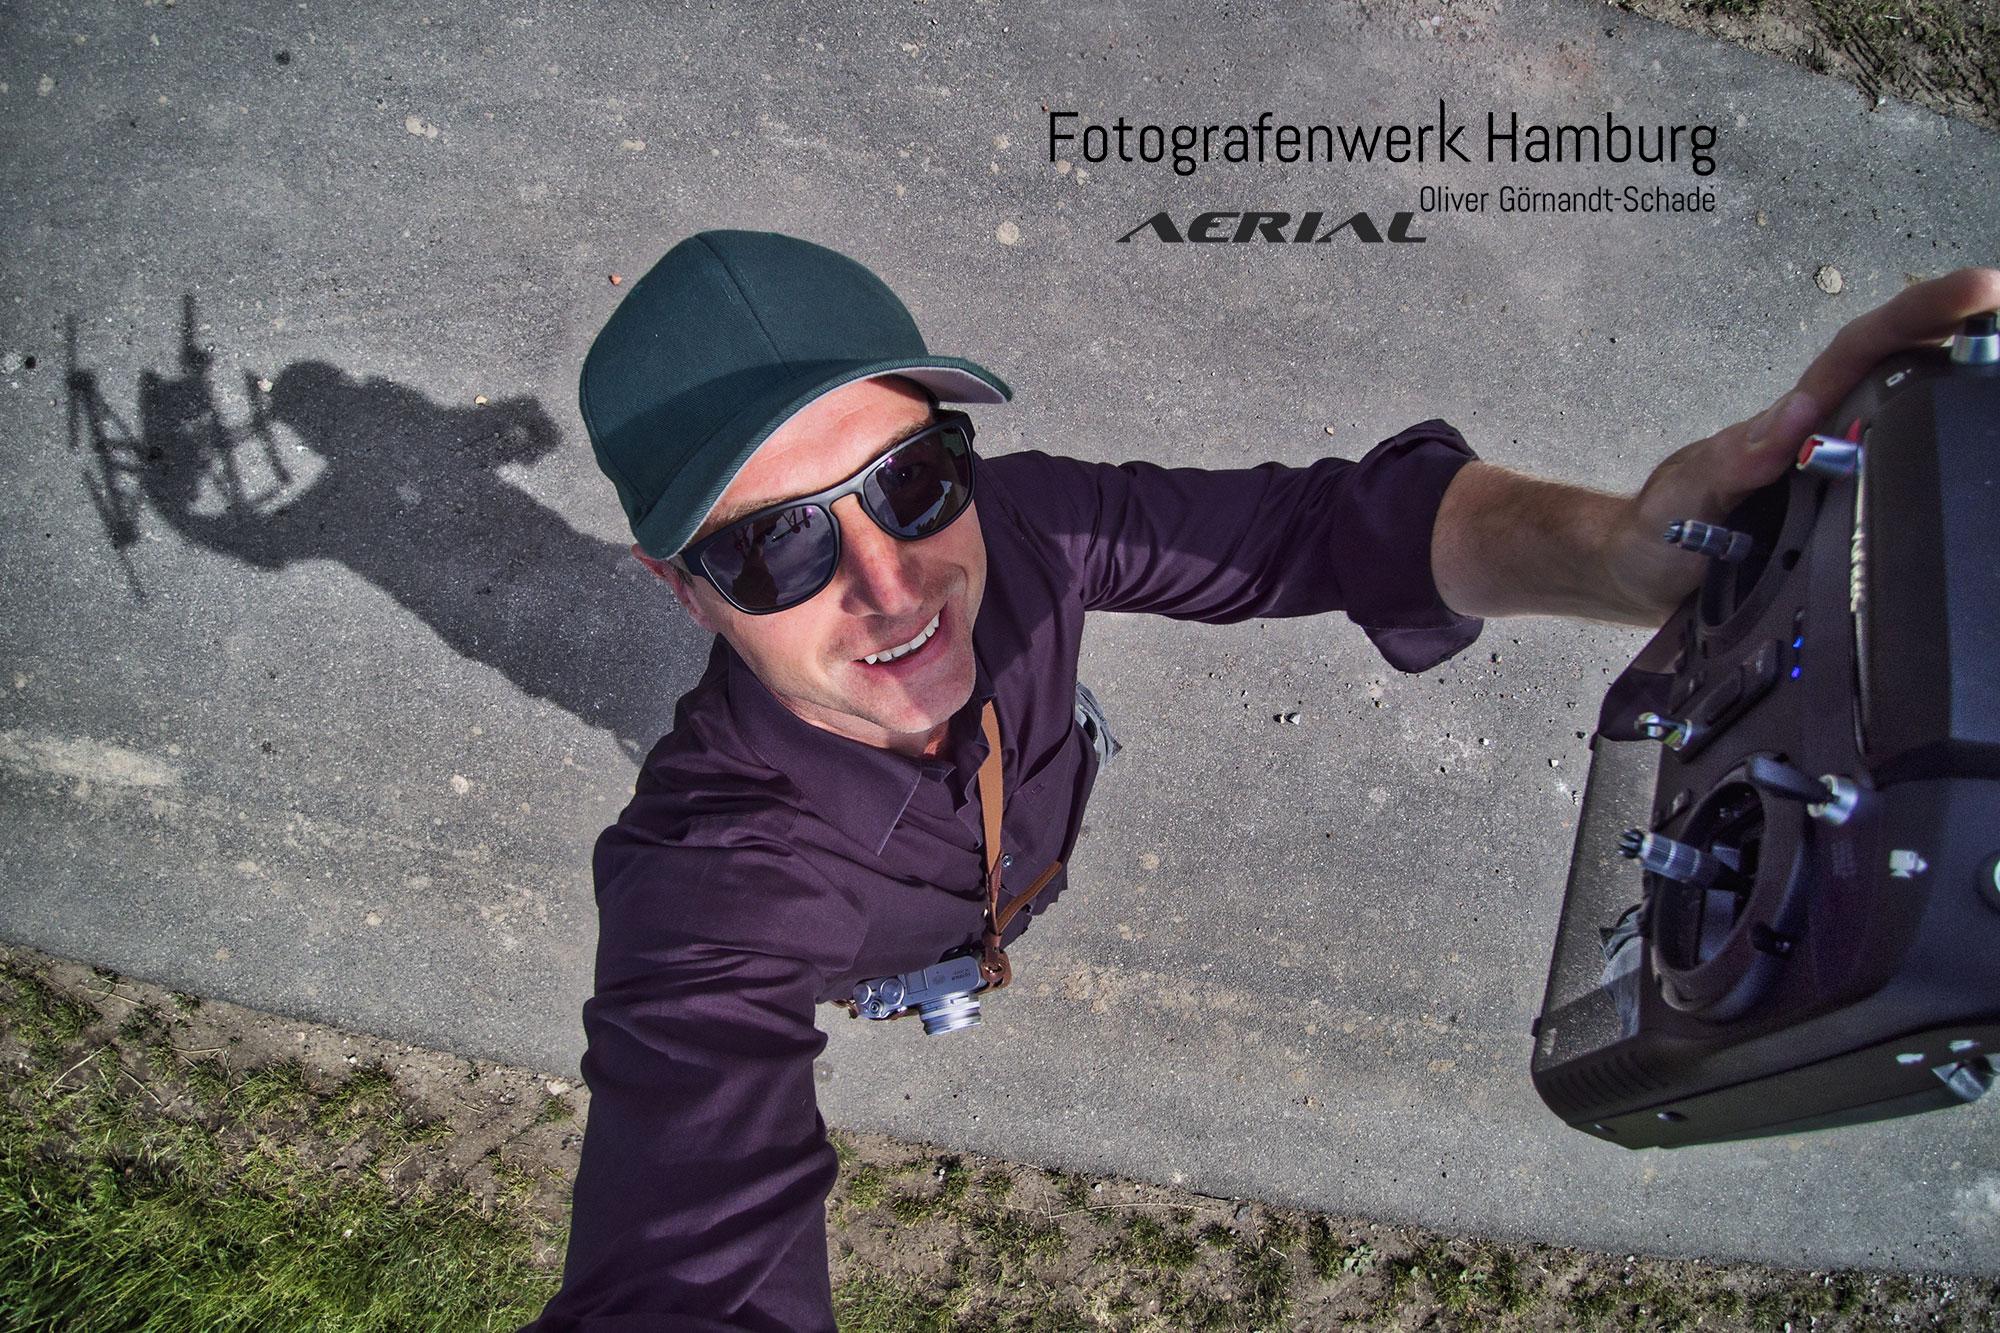 Fotografenwerk Drohnenfotografie Hamburg